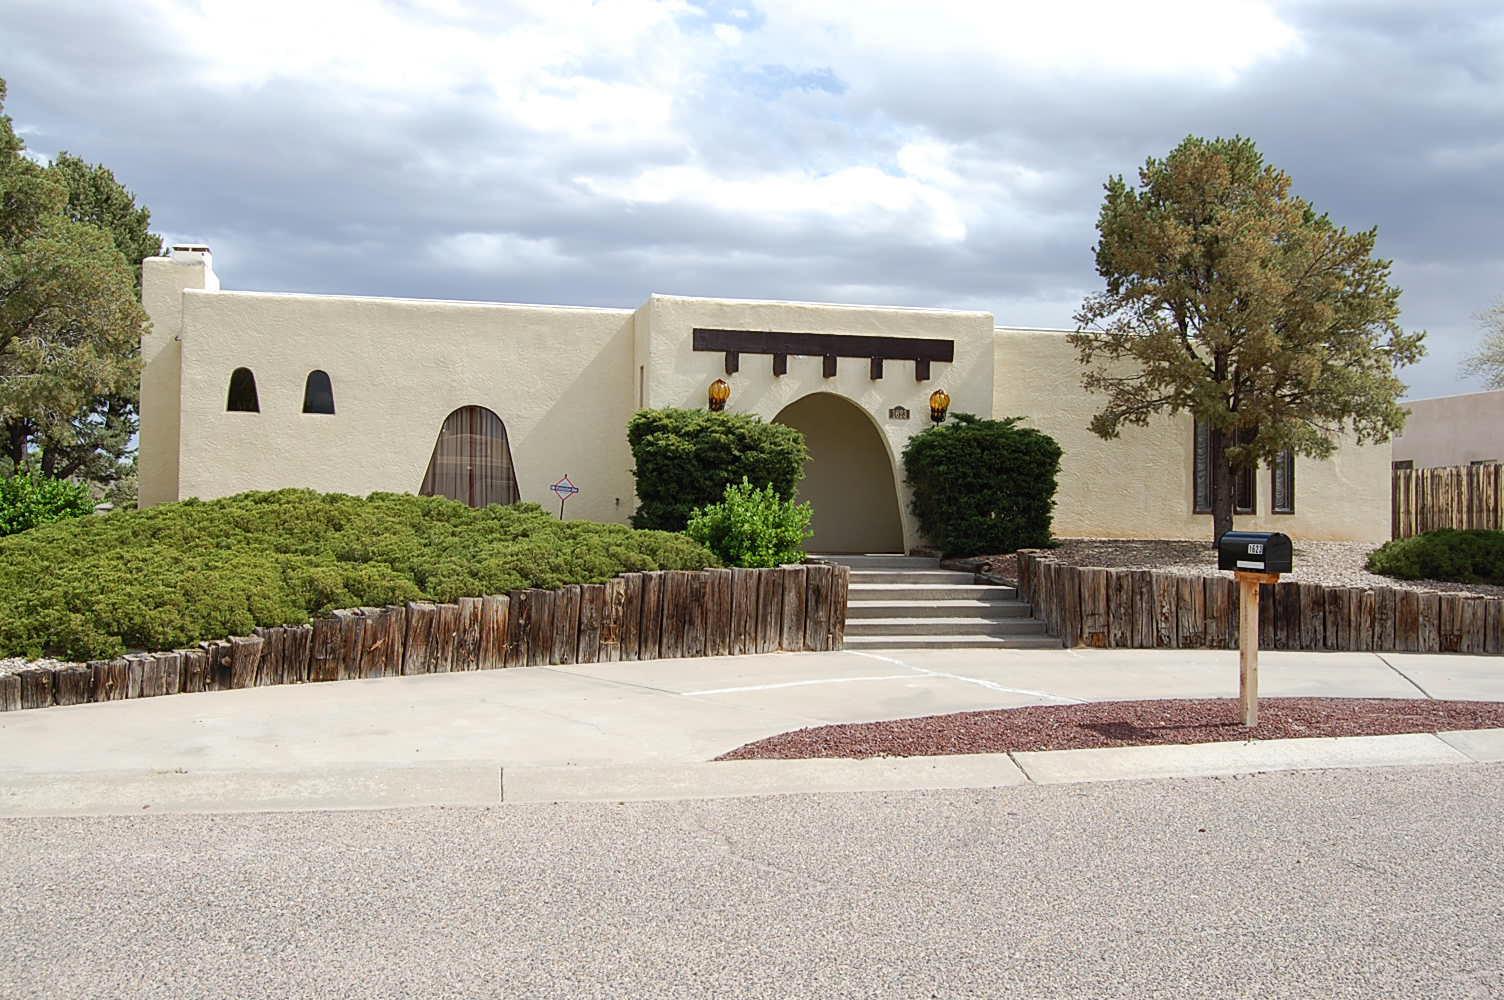 1623 Boros Court, Rio Communities, NM 87002 - Rio Communities, NM real estate listing